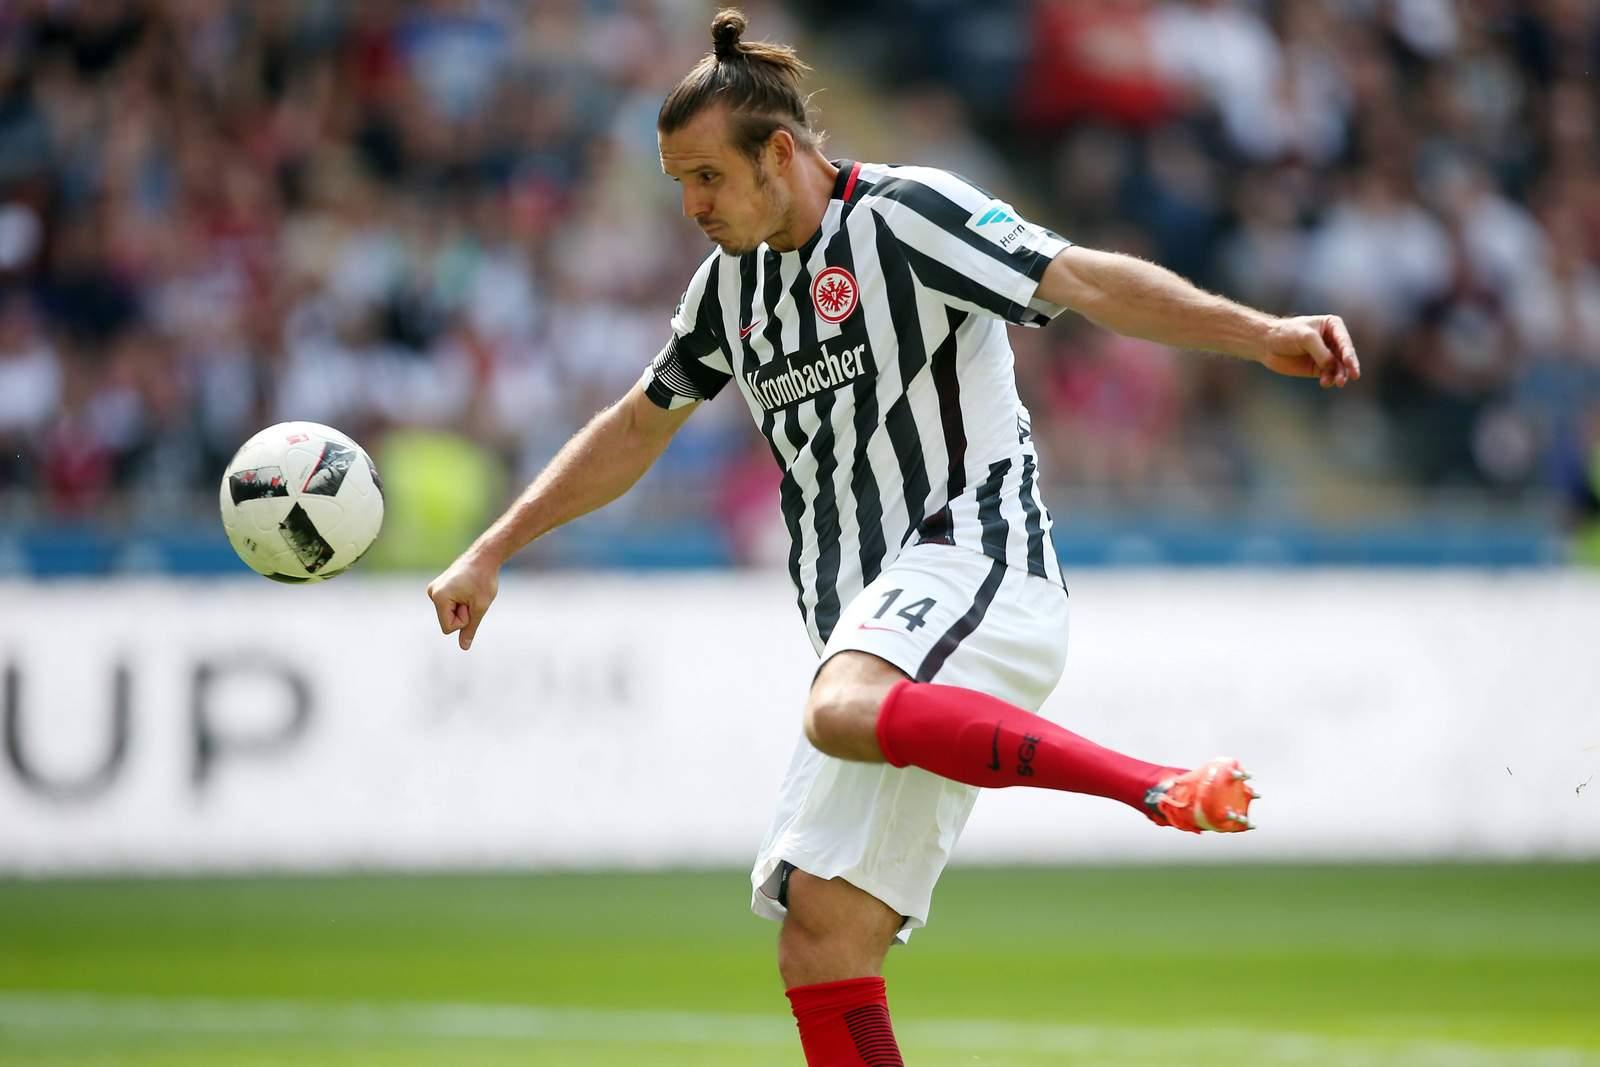 Alex Meier zieht ab. Jetzt auf Frankfurt gegen Ingolstadt wetten!